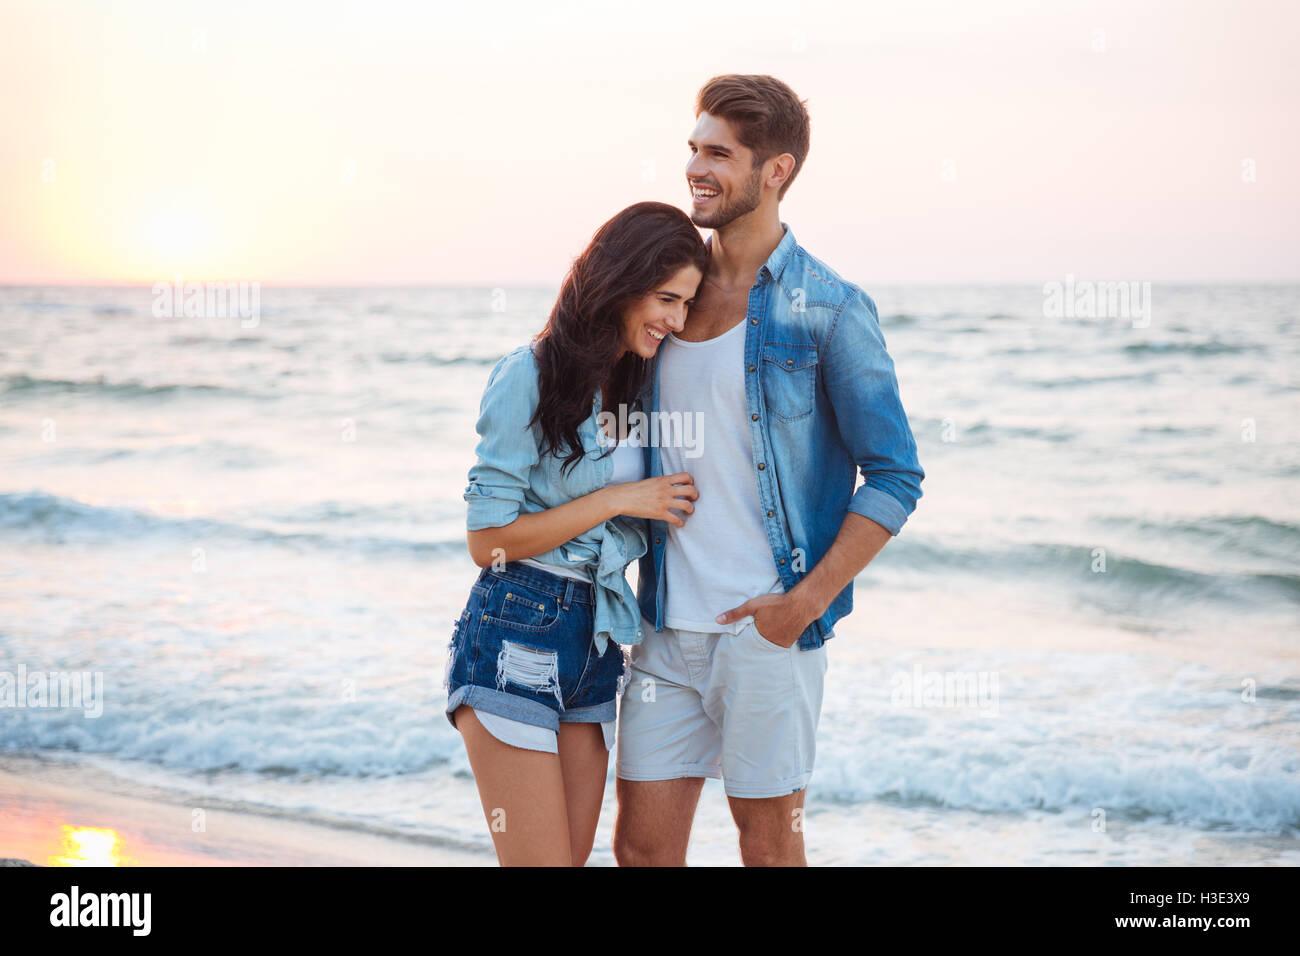 Felice coppia giovane costeggiata e ridere sulla spiaggia Immagini Stock